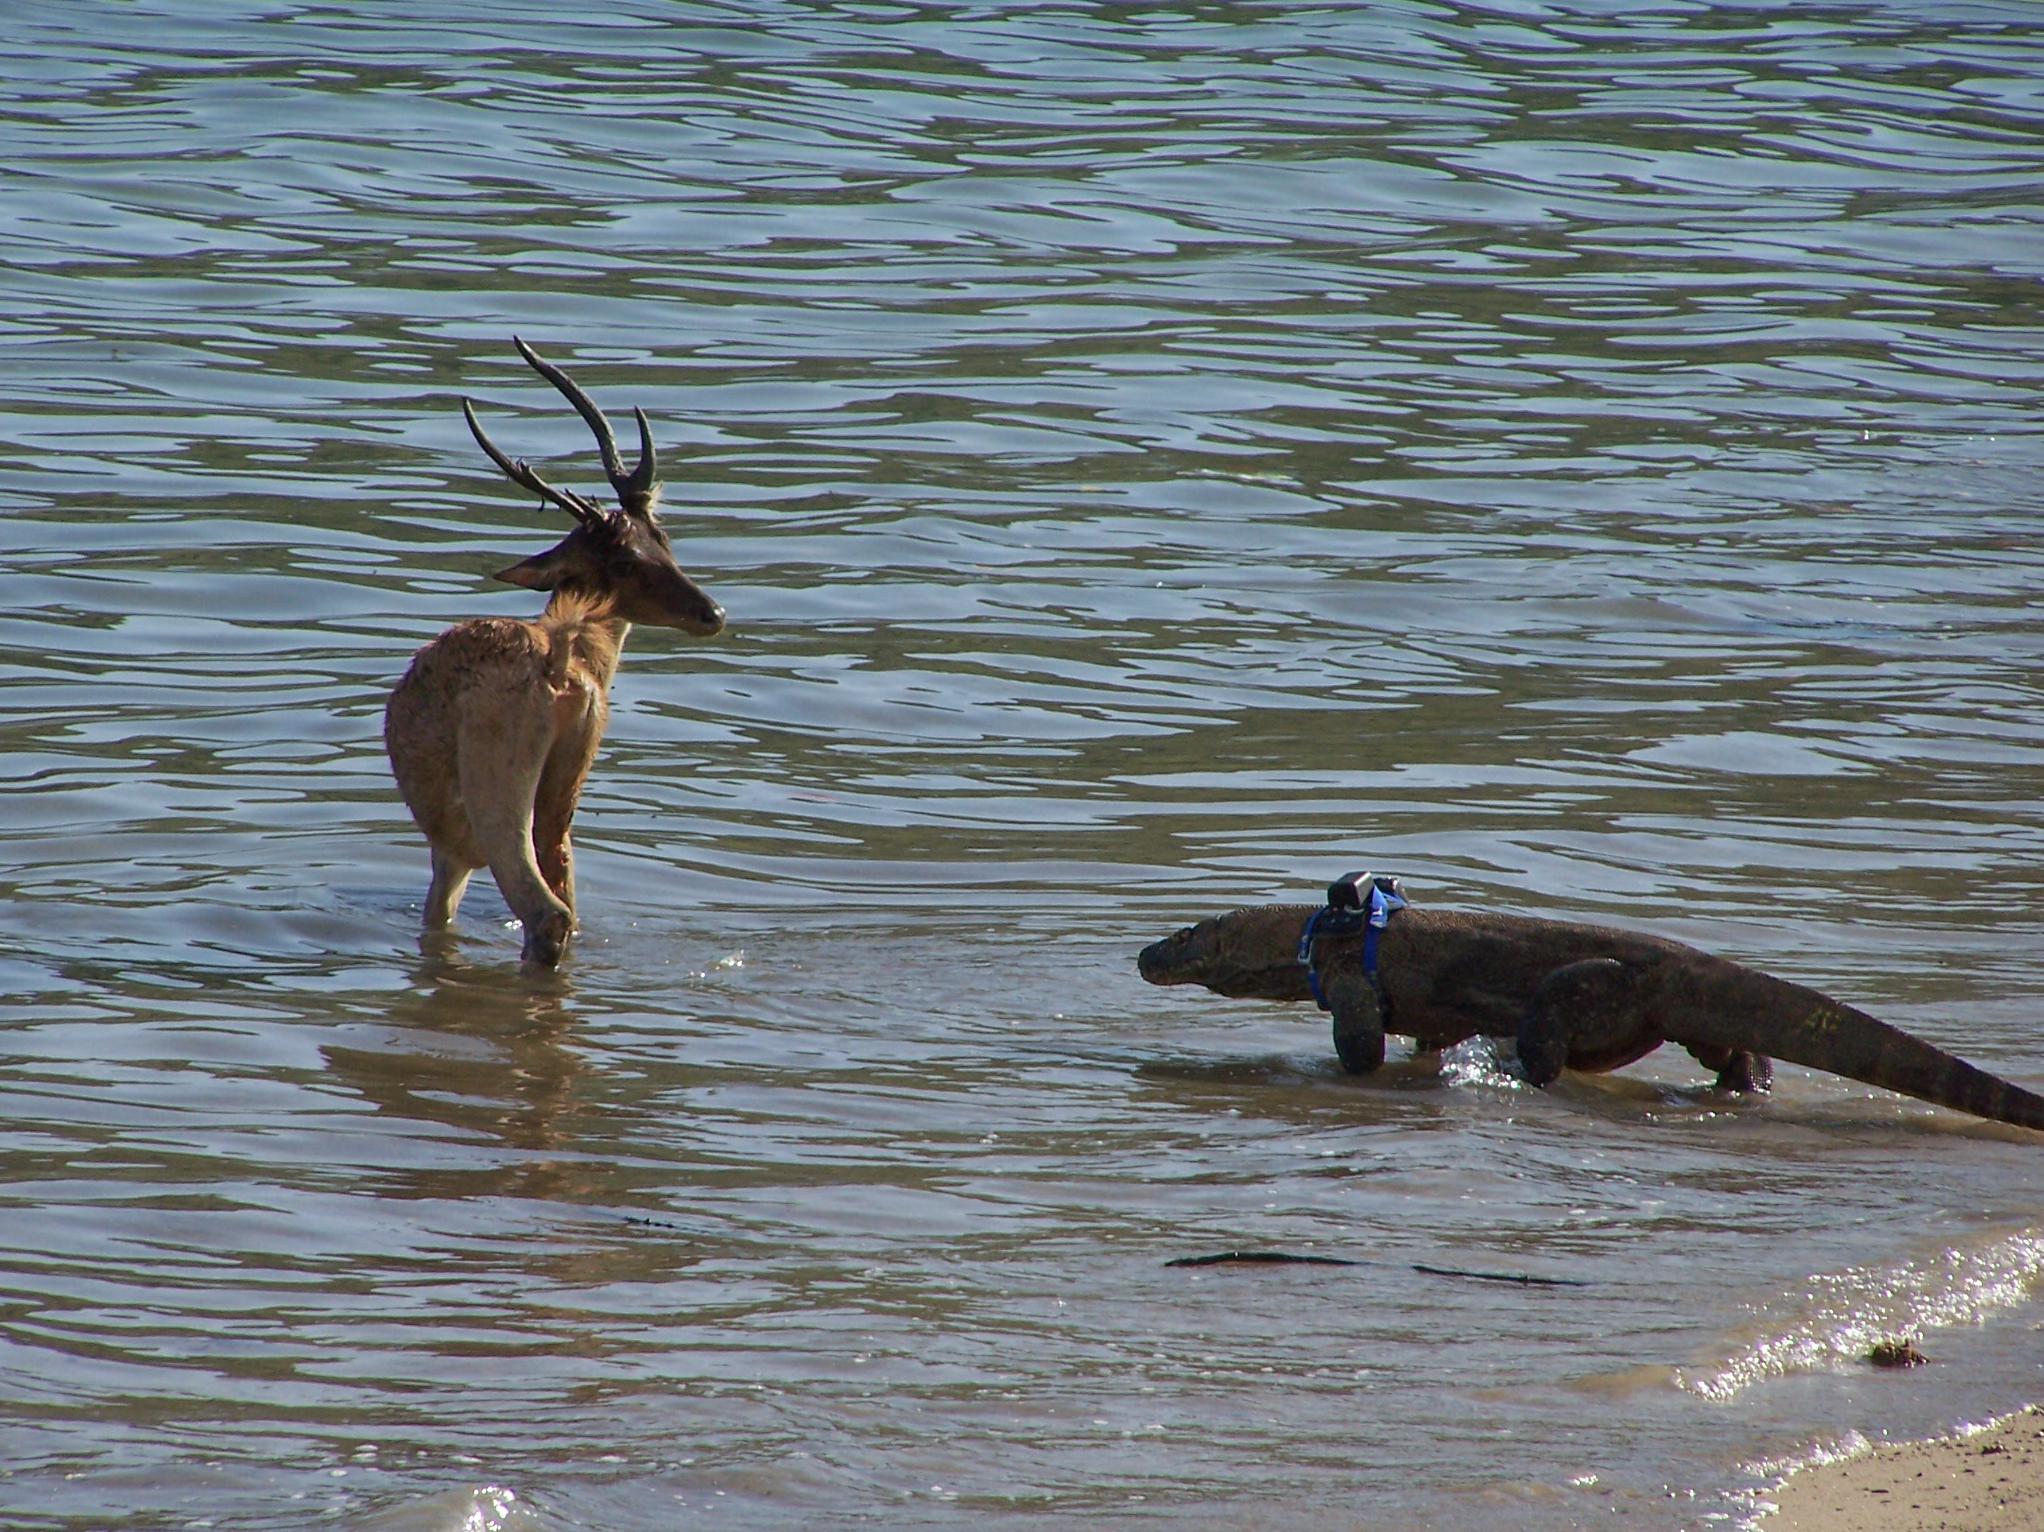 Komodo dragon stalking deer